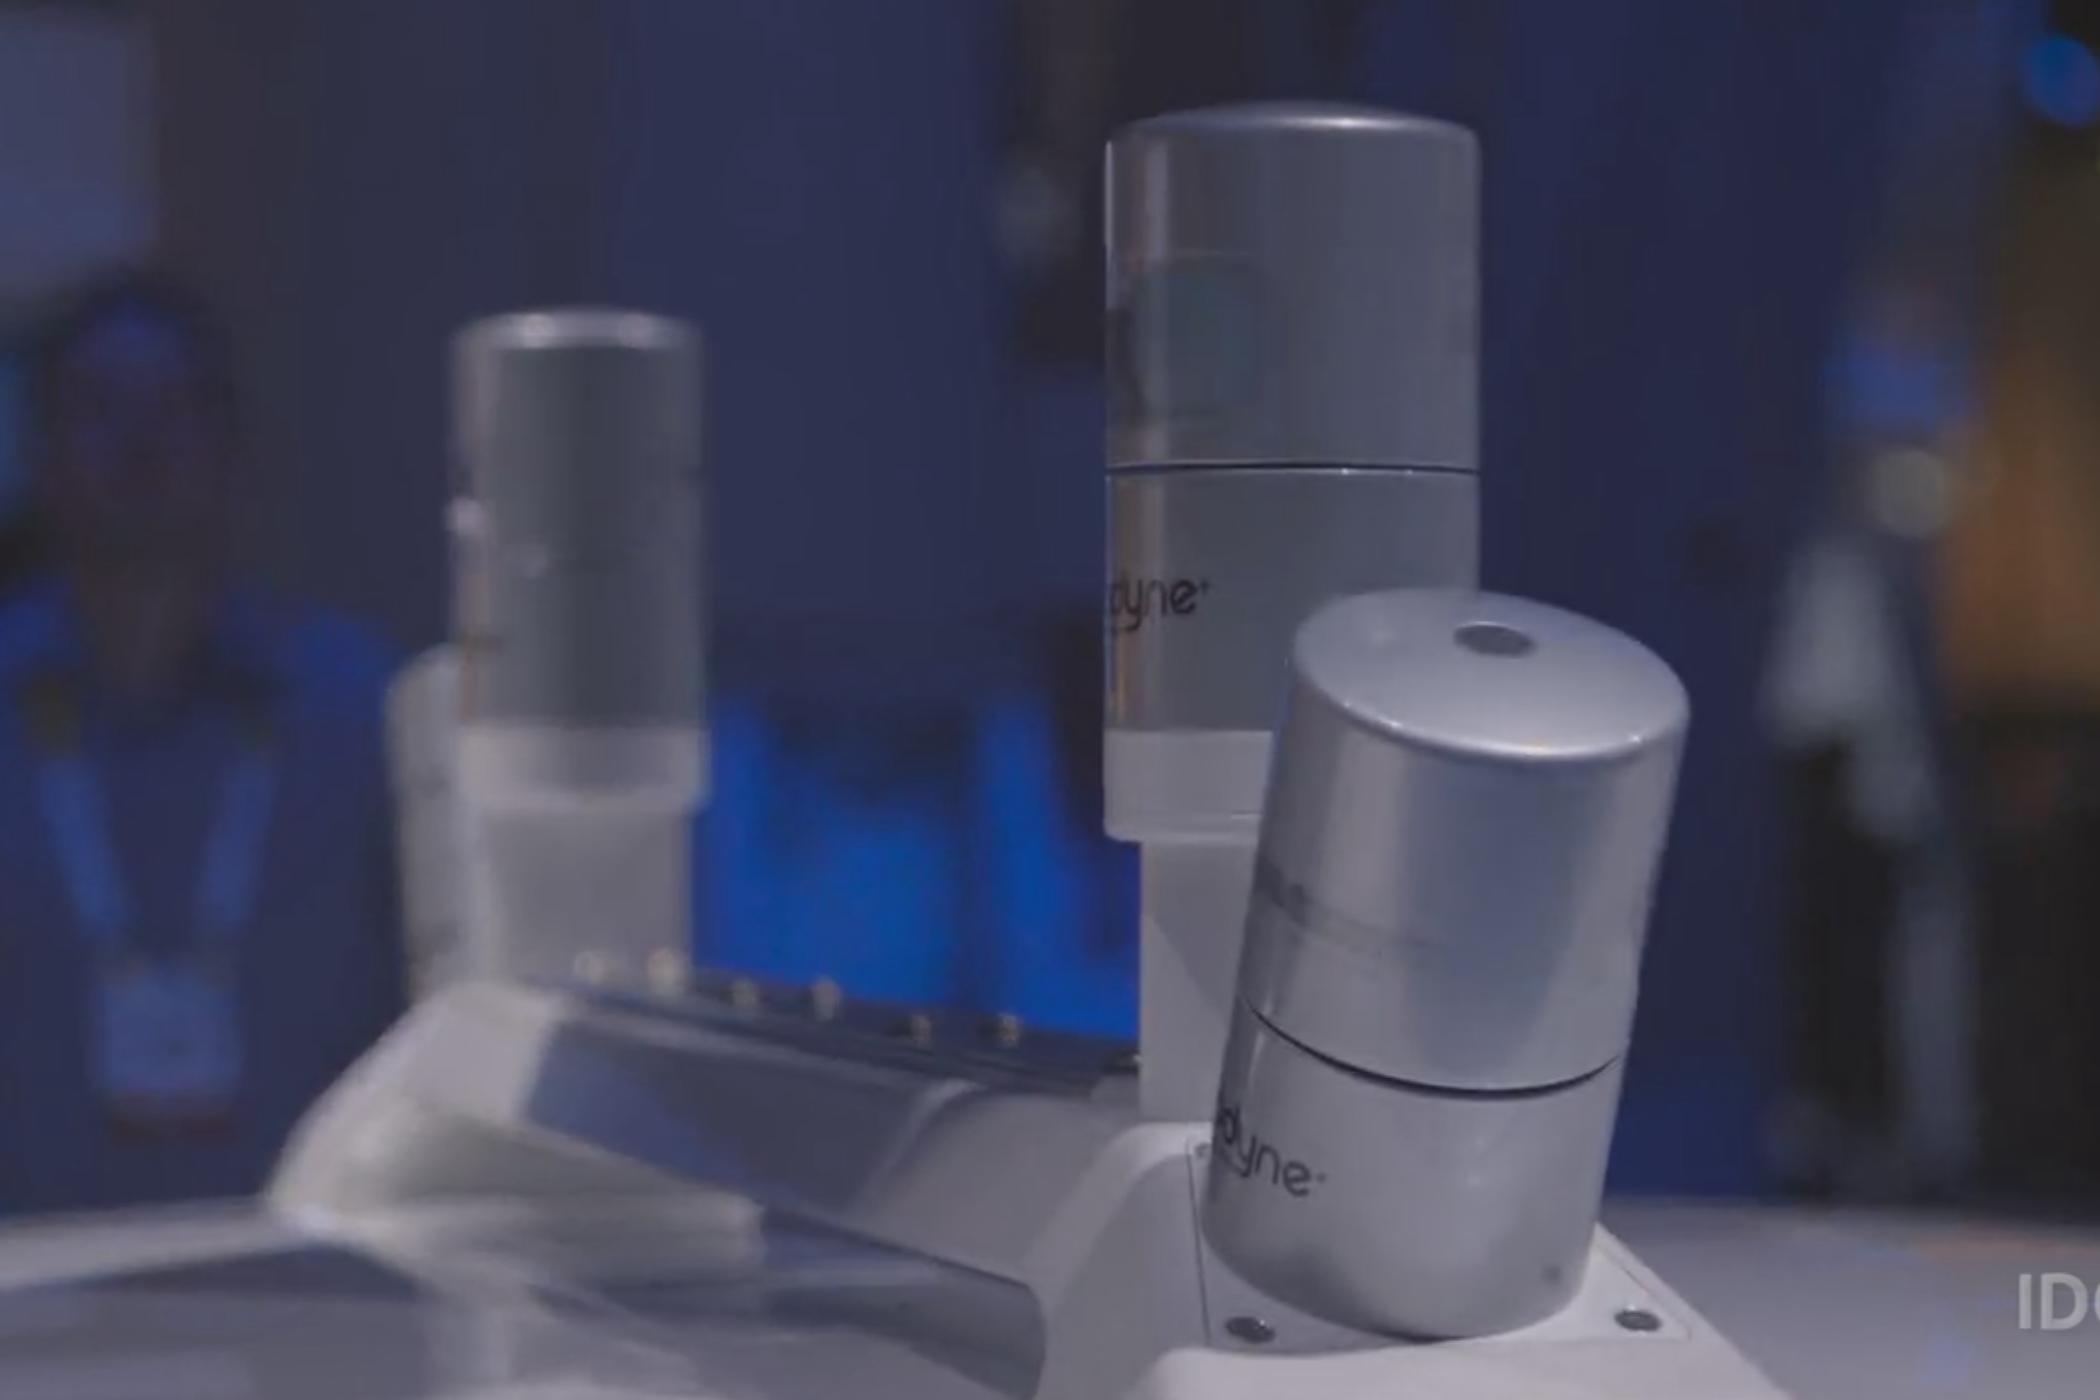 How Ford's autonomous test vehicles make 3D LiDAR maps of